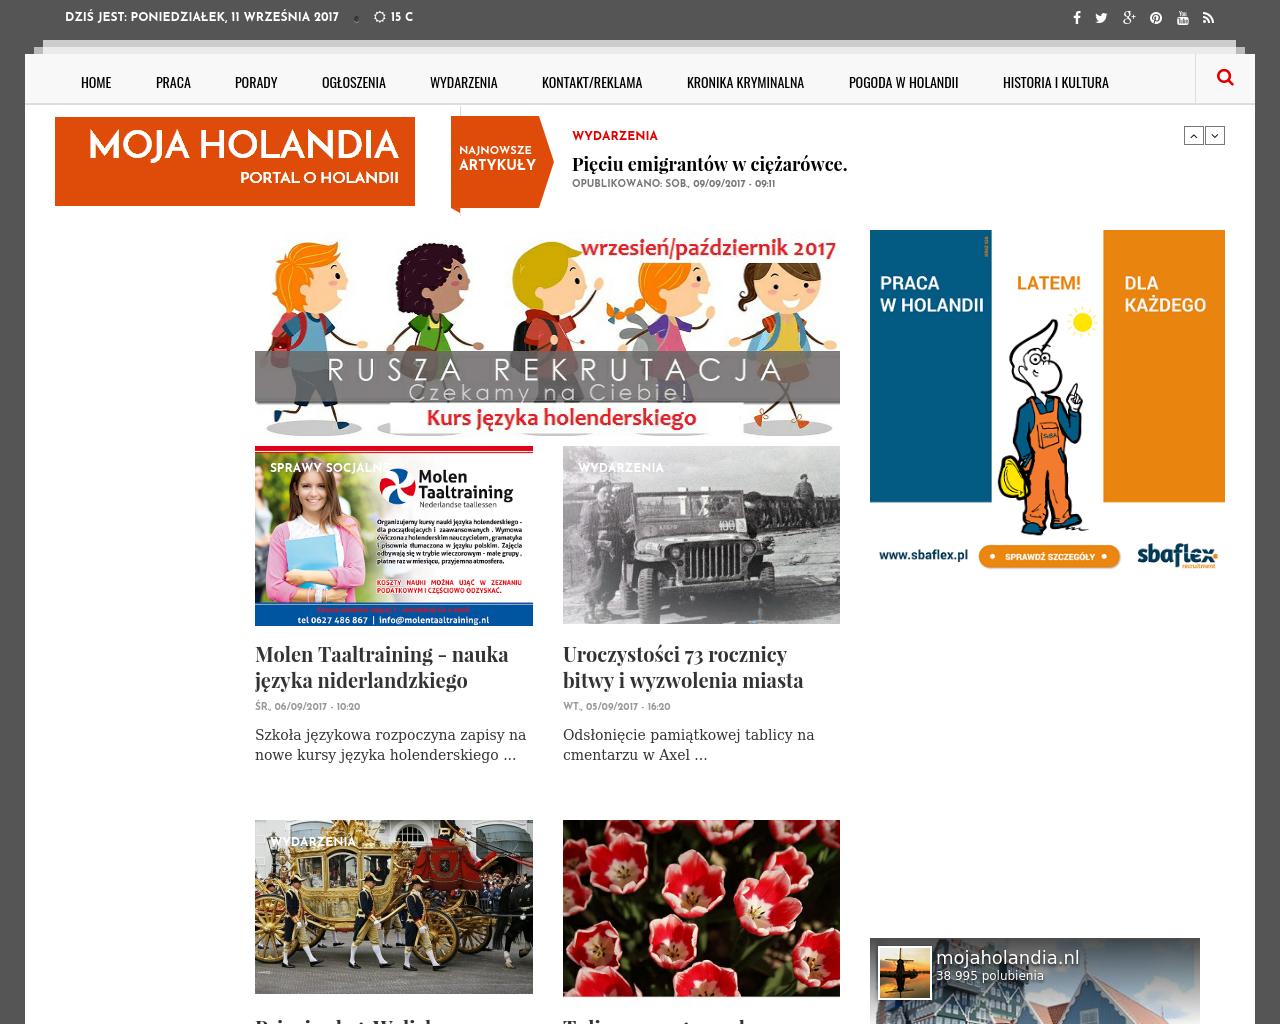 Moja-Holandia-Advertising-Reviews-Pricing